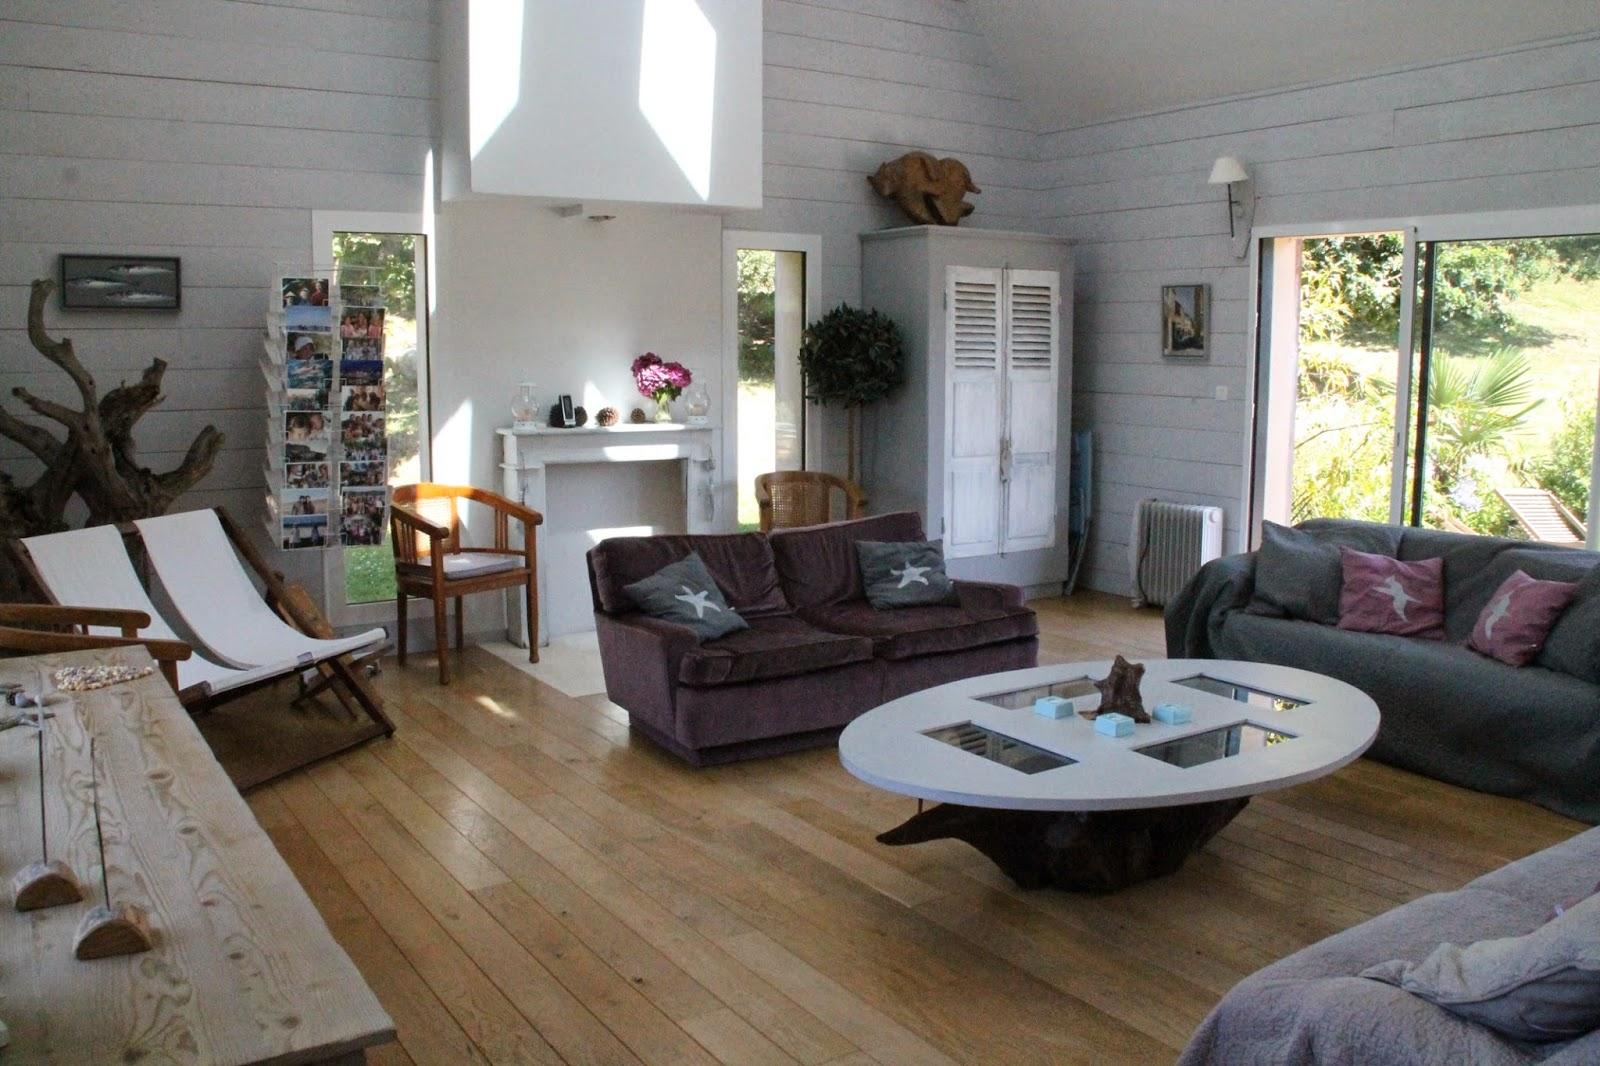 salon cathedrale pour le style plafond cathdrale dans salon et haut vitr pice vitre en haut. Black Bedroom Furniture Sets. Home Design Ideas